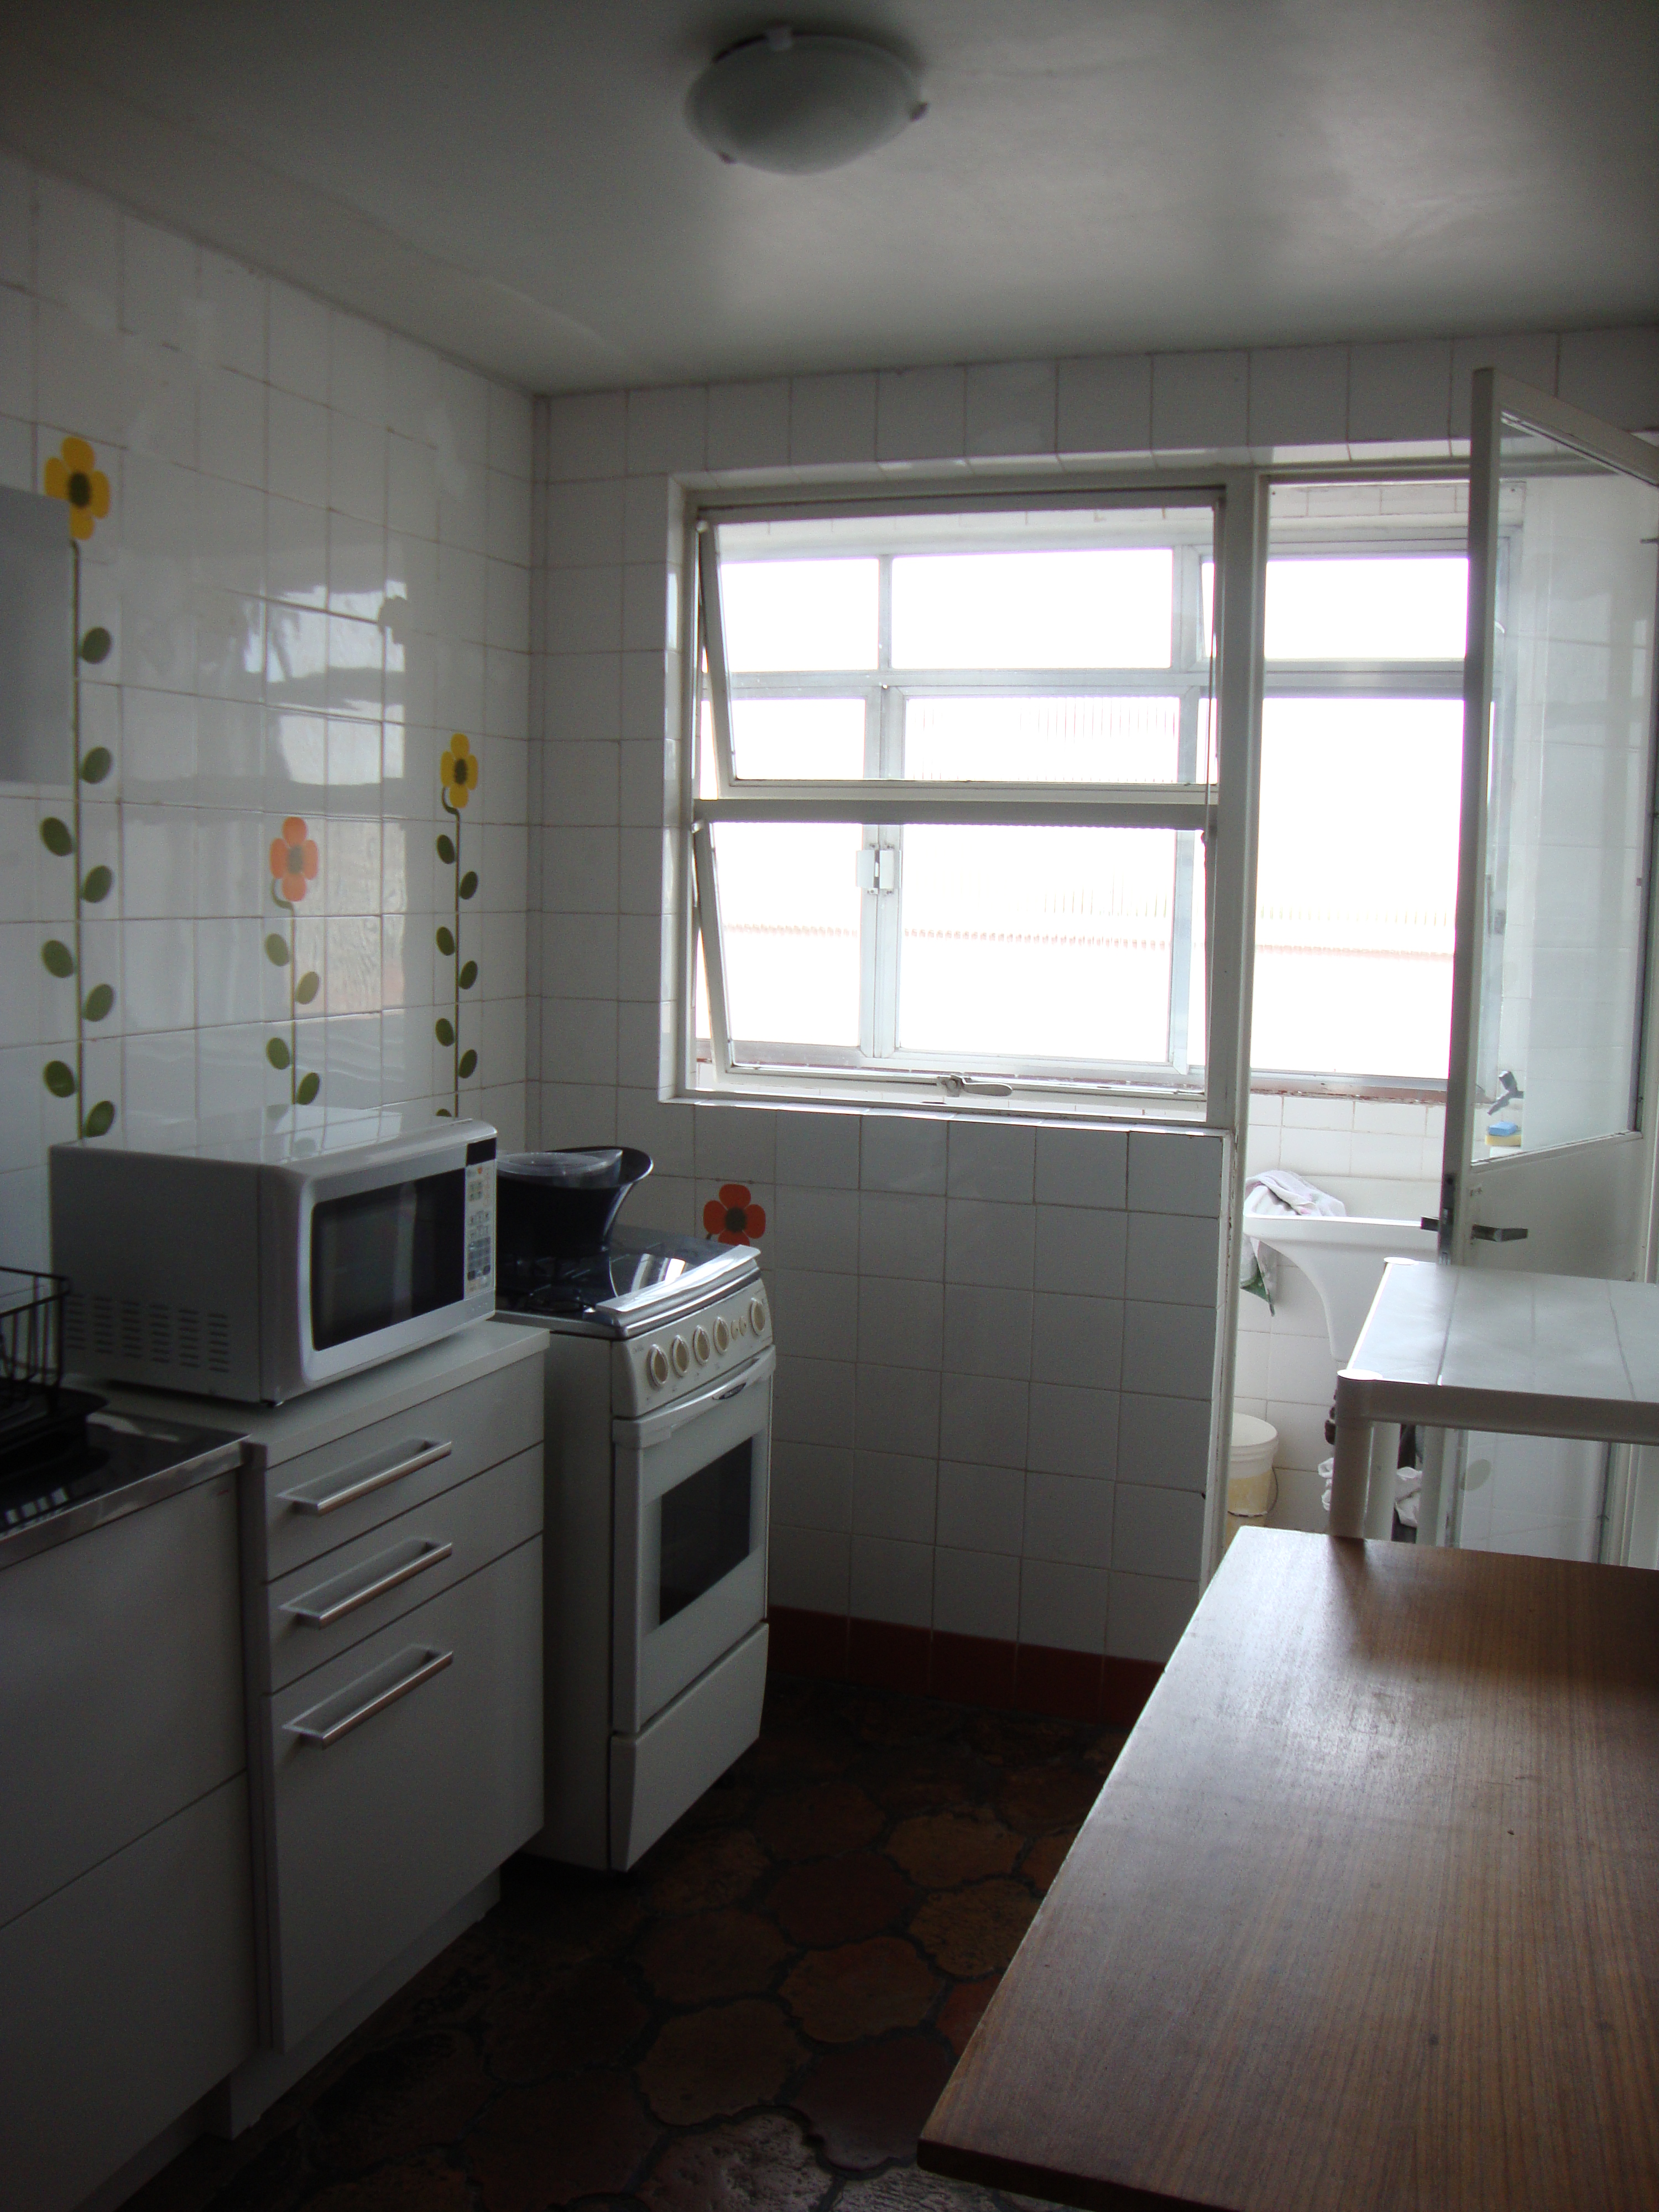 #594F47 Cozinha contemporânea: reforma deixa ambiente mais prático e  1416 Quanto Custa Uma Janela De Aluminio Com Vidro Duplo